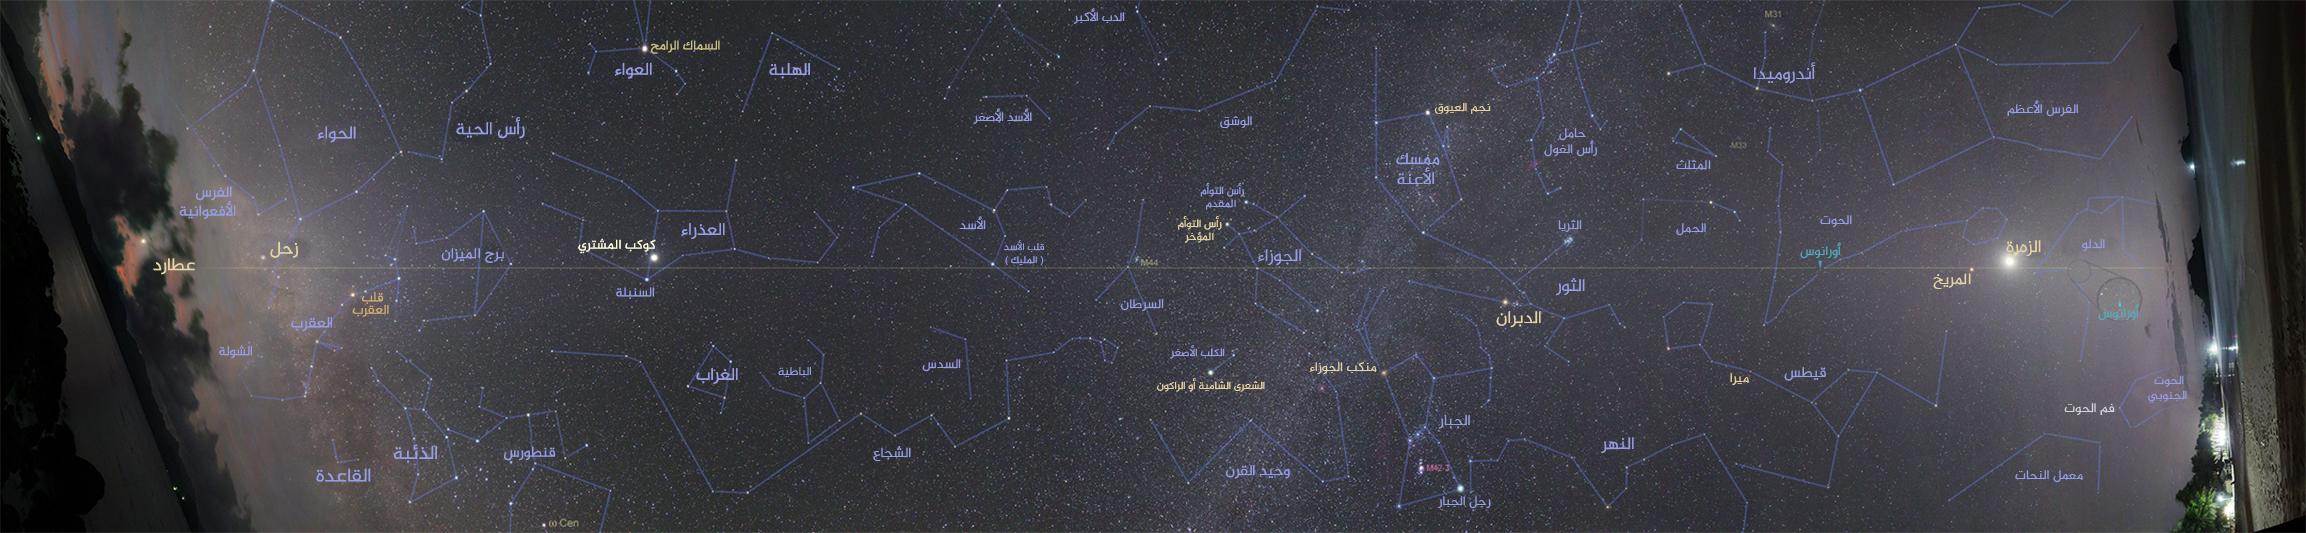 الكوكبات النجمية.. سحر في سماء الليل